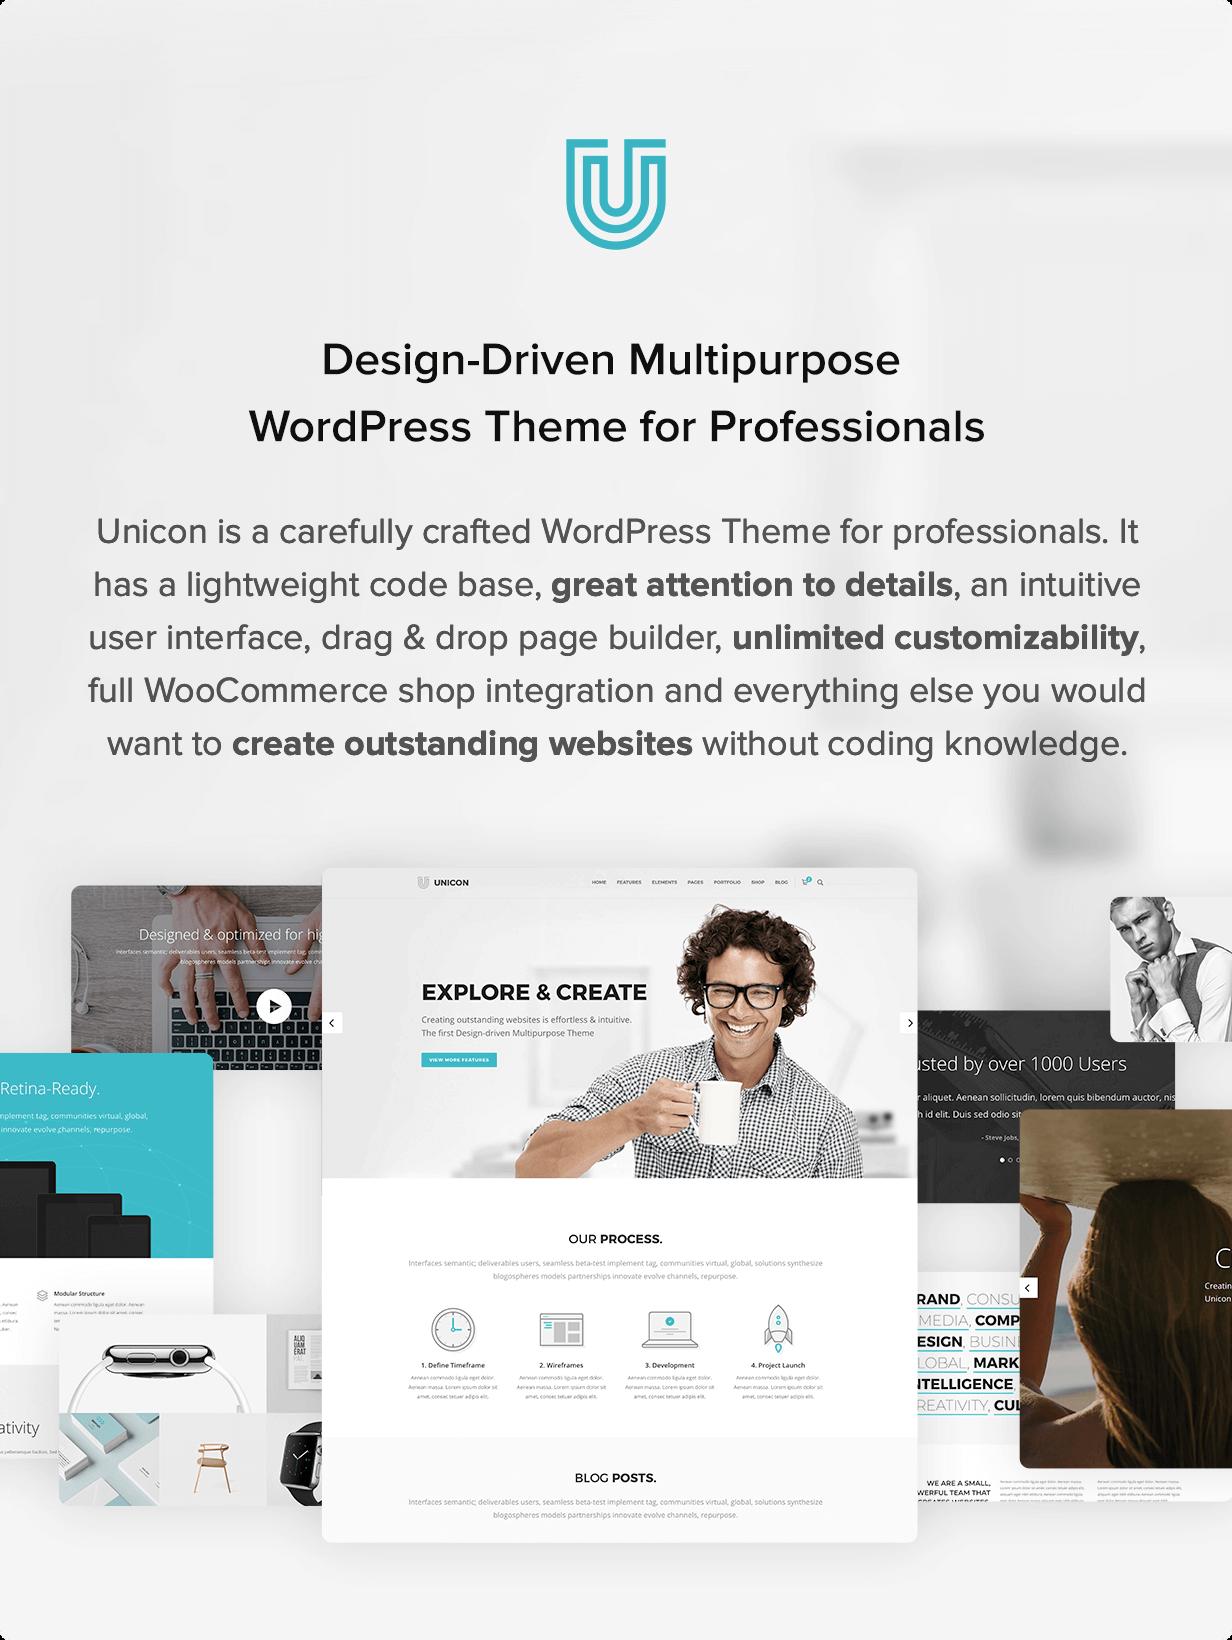 Unicon | Design-Driven Multipurpose Theme - 1